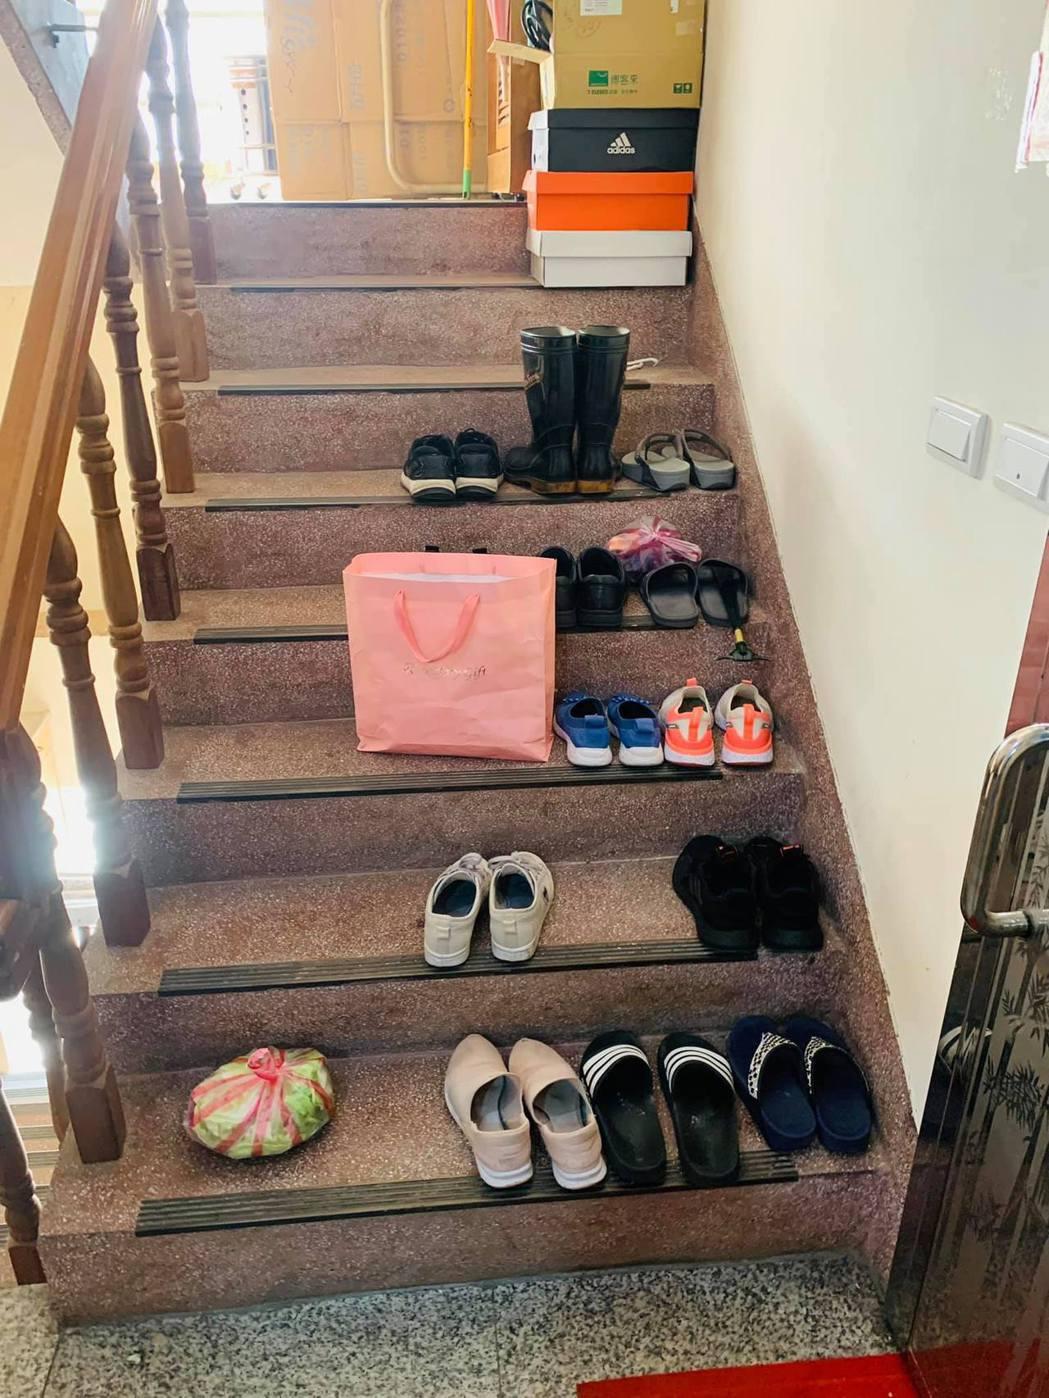 一名網友看到自家樓梯間擺滿鞋子,氣得拍照公審。 圖擷自臉書社團「爆怨公社」